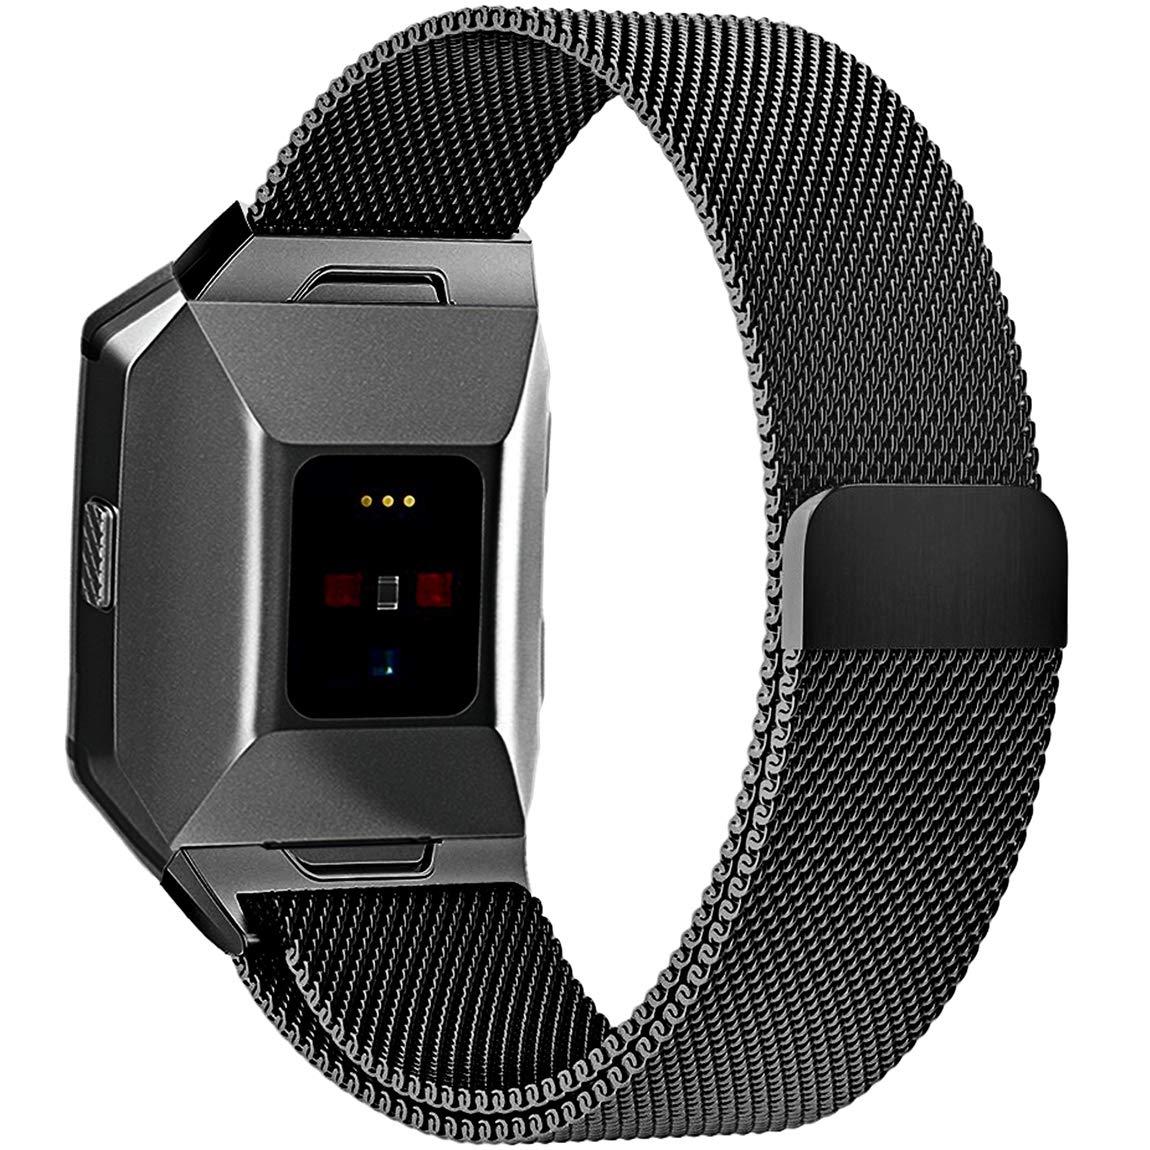 For Fitbit ALTAアルタHR、帯、maledanステンレススチールMilanese Loopメタル交換用アクセサリーブレスレットストラップwith Uniqueマグネットロックfor Fitbit ALTAアルタHR and Large Small、シルバー、ブラック、ゴールド、ローズゴールド B0773CXG5H 4-ブラック Small (5.5 - 8.5 in)